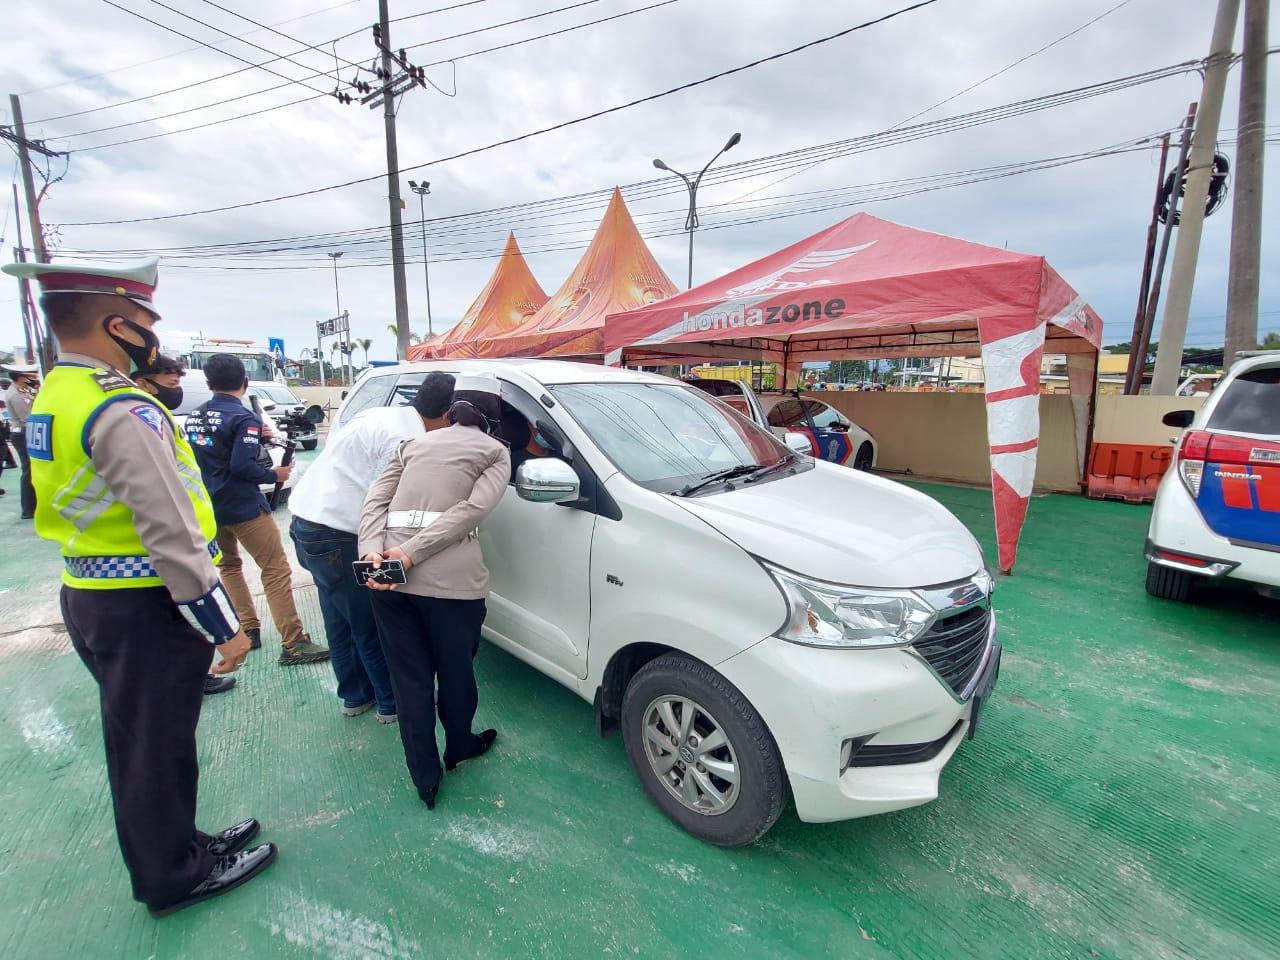 Mobil berpenumpang reaktif COVID-19 dipulangkan oleh Satlantas Polres Malang. (Foto: Rizal Adhi/Tugu Malang/Tugu Jatim)